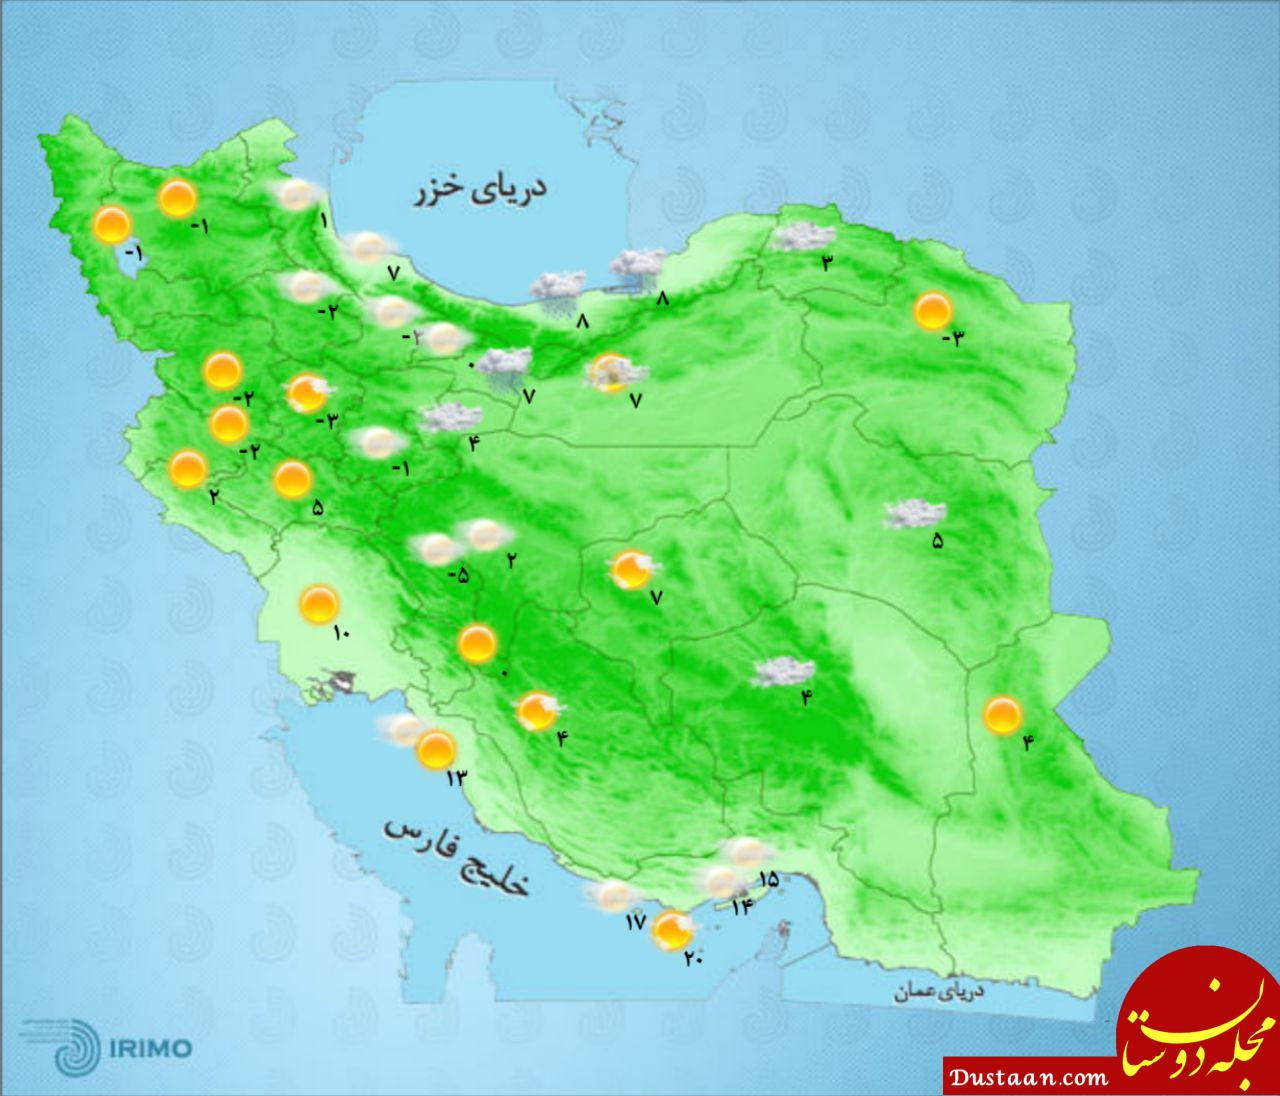 پنجشنبه 19 بهمن/ نقشه دمای مراکز استان ها / هوای تهران در شرایط سالم